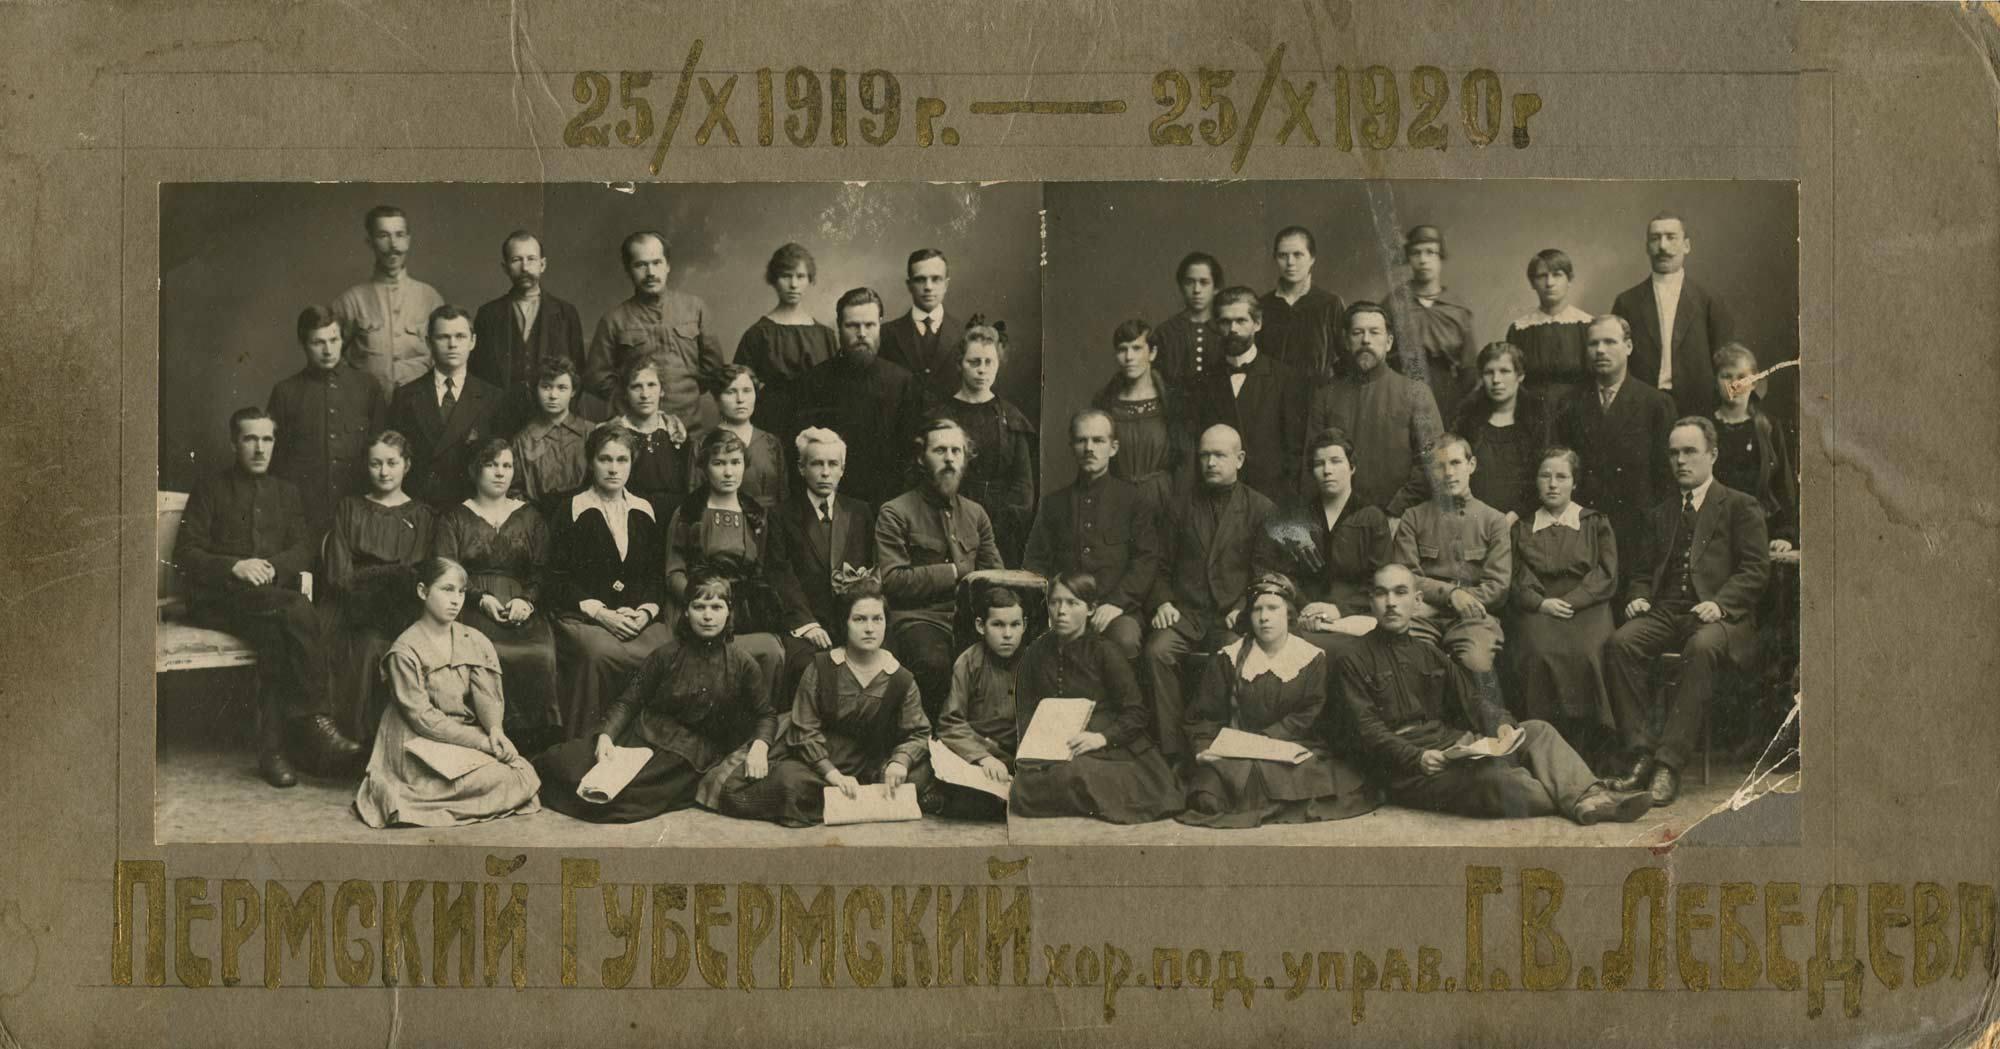 1920. Пермский Губернский хор под управления Г.В.Лебедева